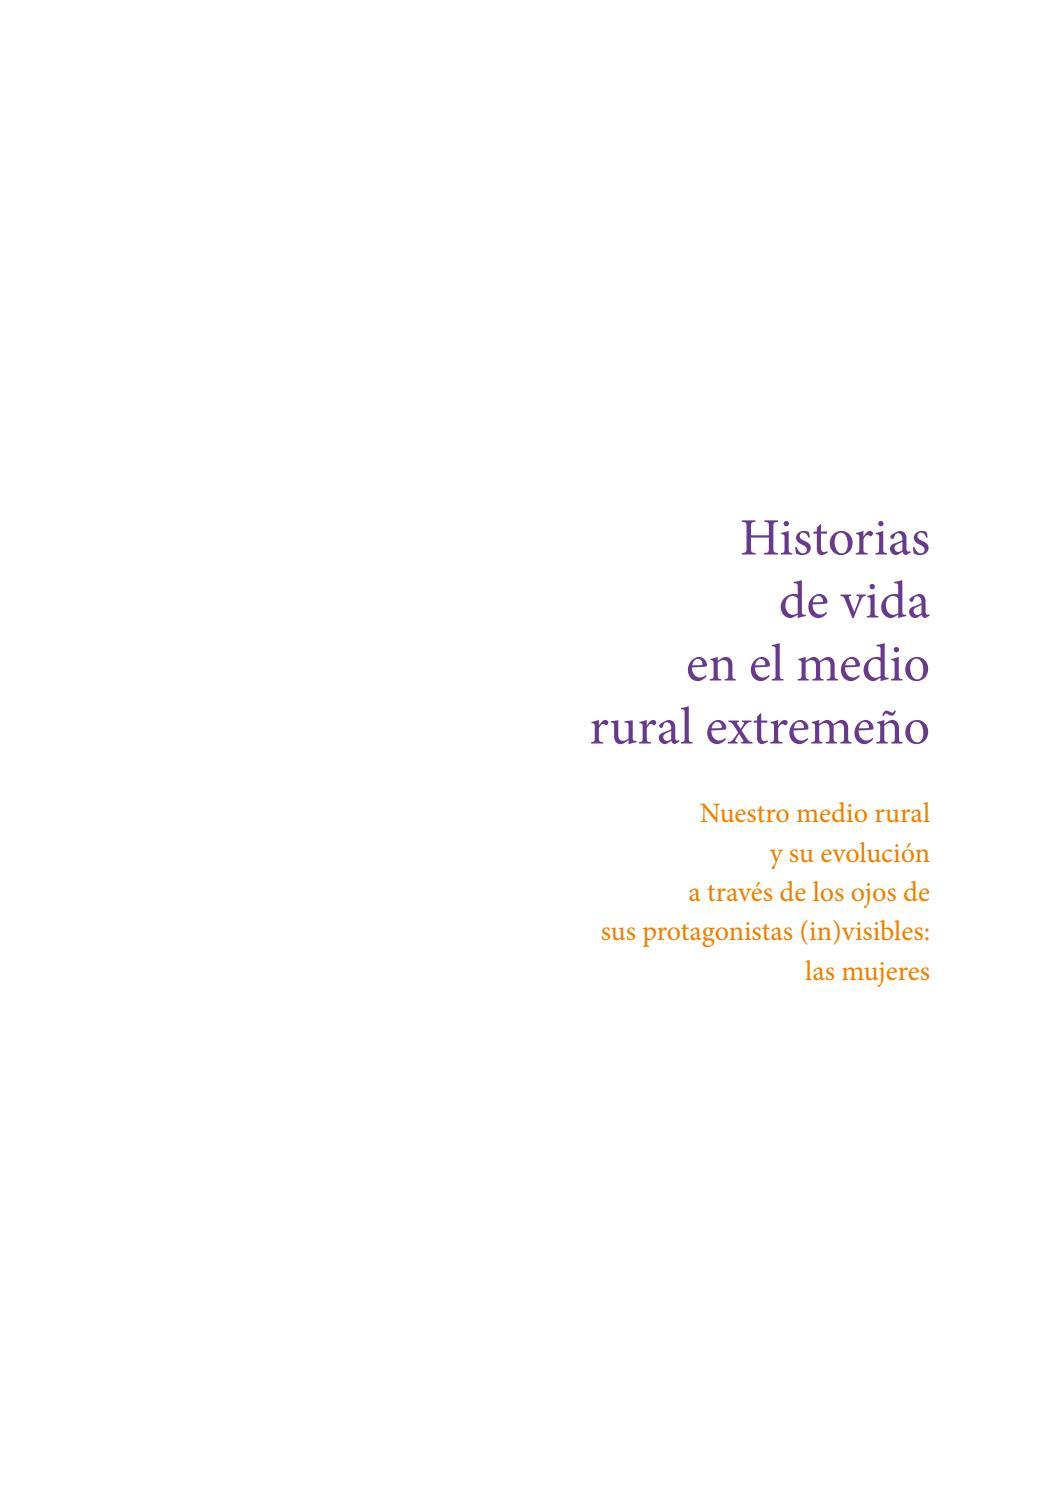 Historias De Vida En El Medio Rural Extremeño By Tetraktys